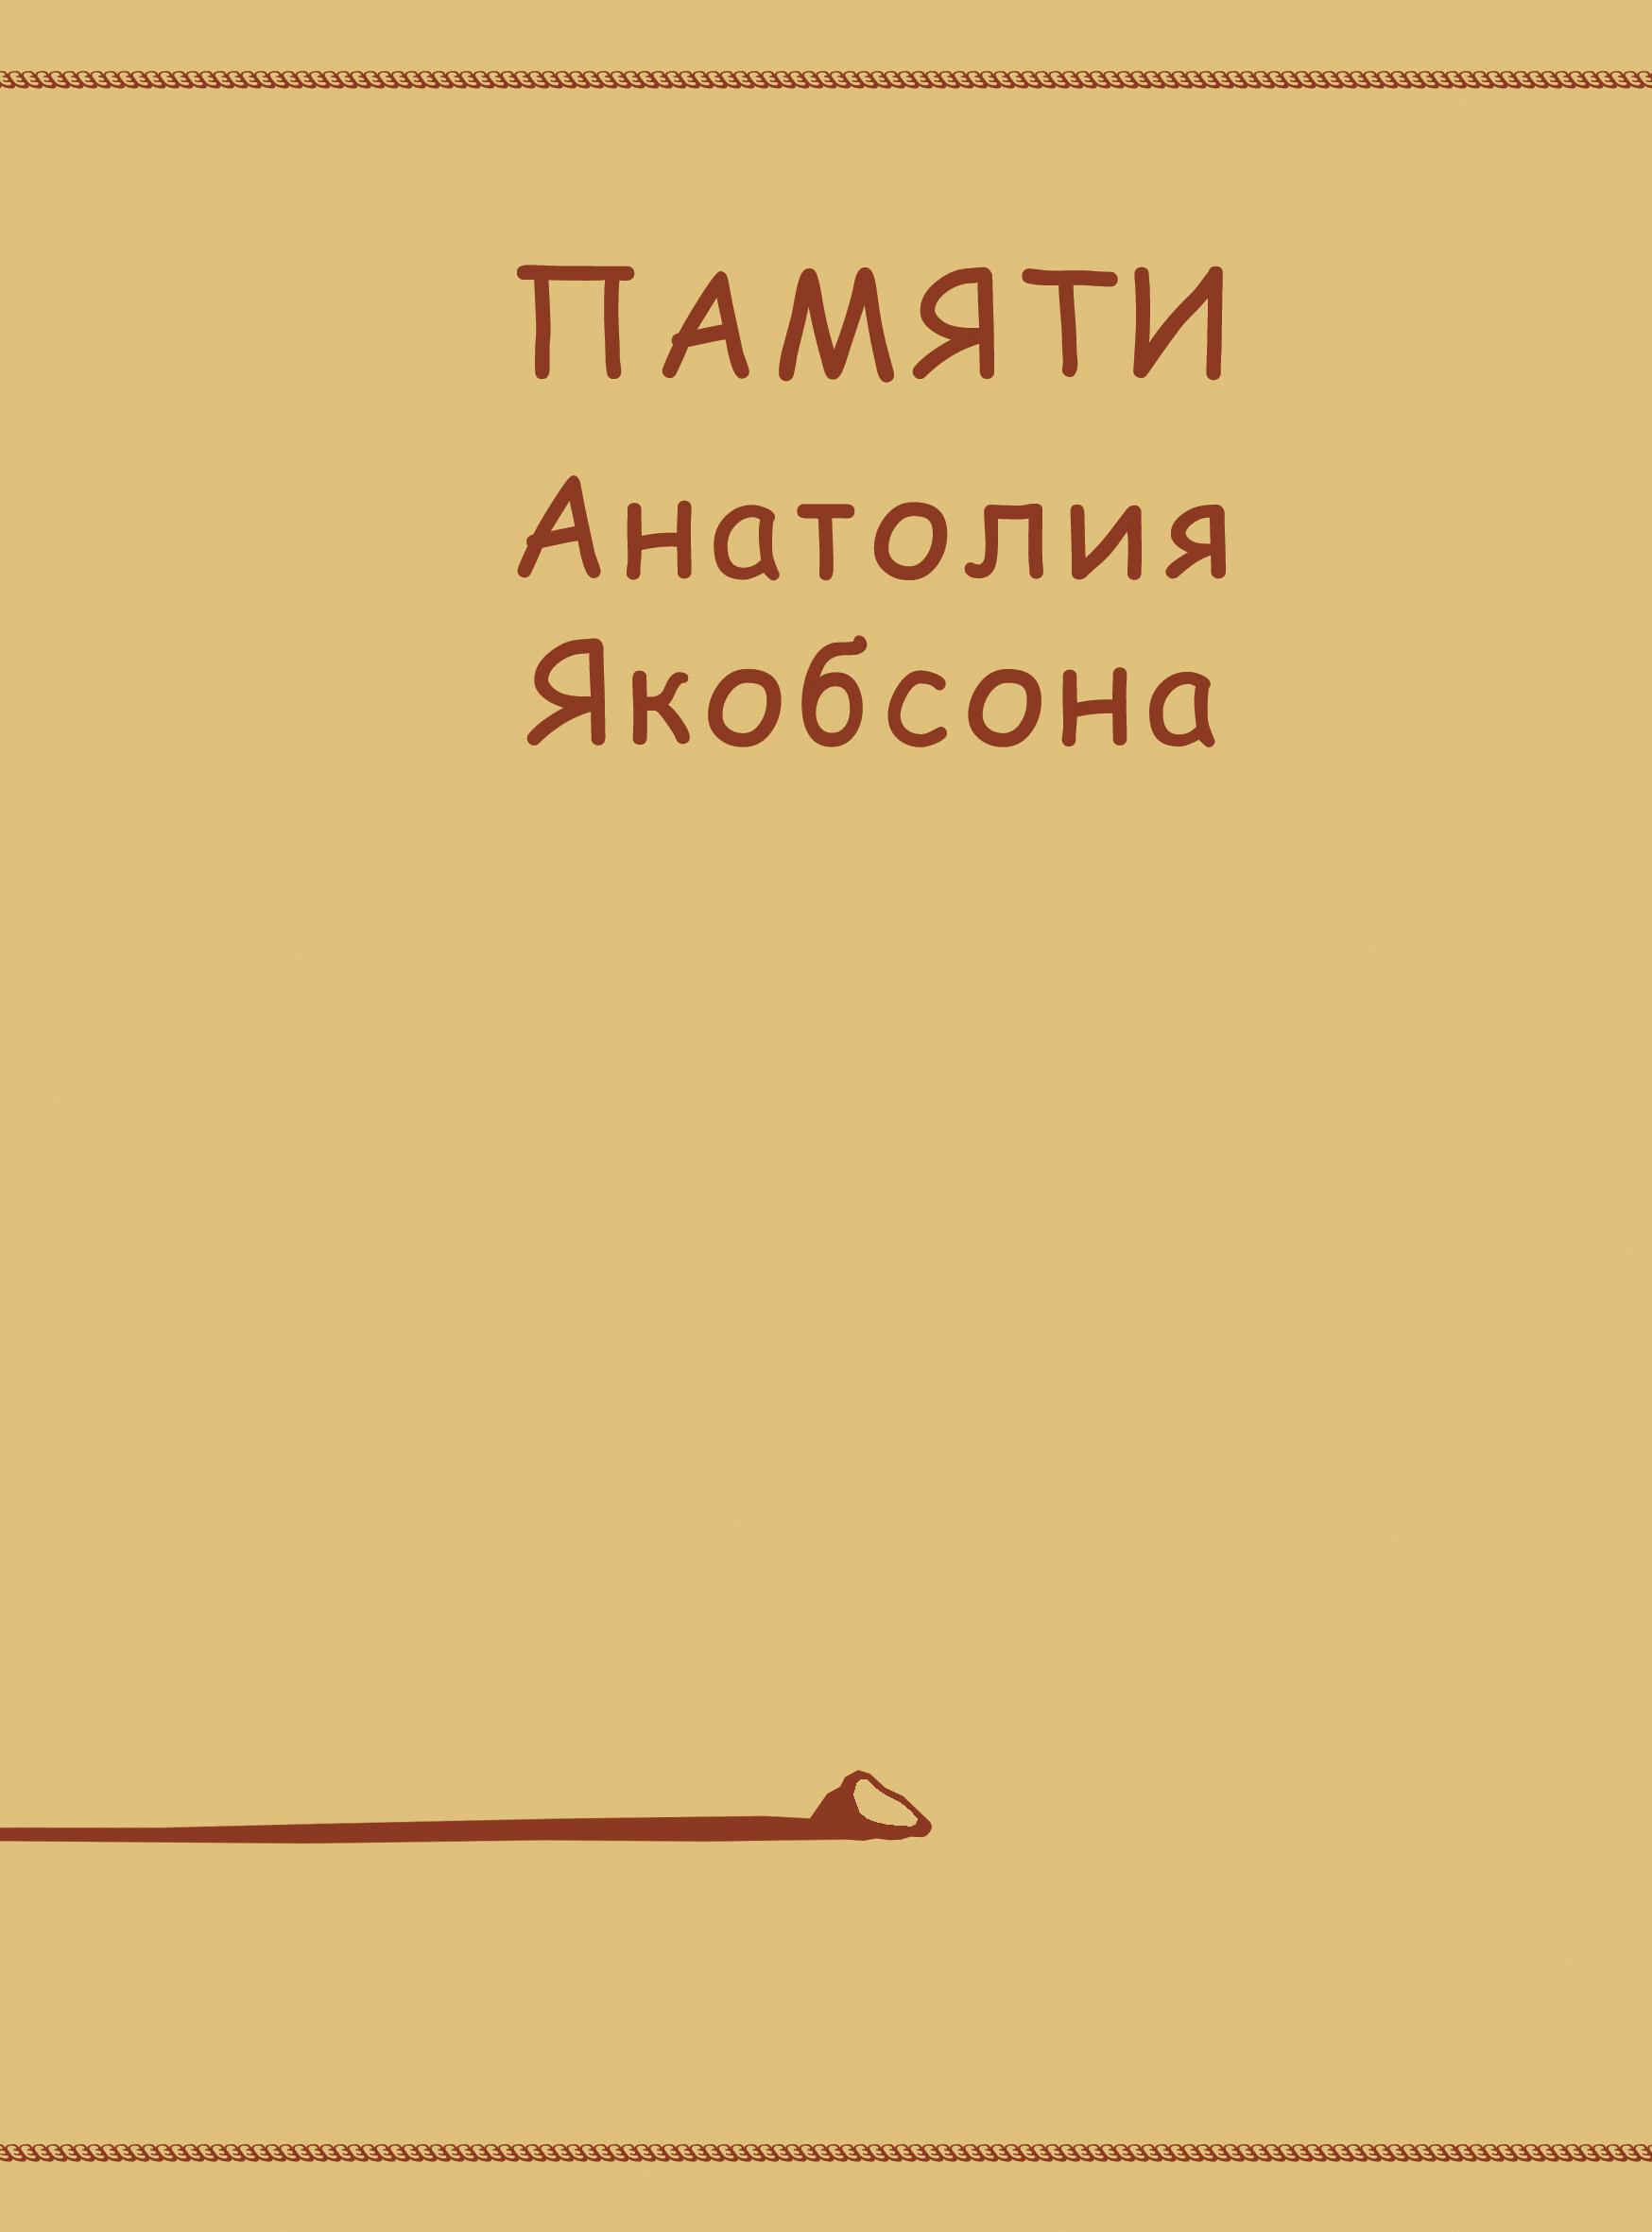 Памяти Анатолия Якобсона